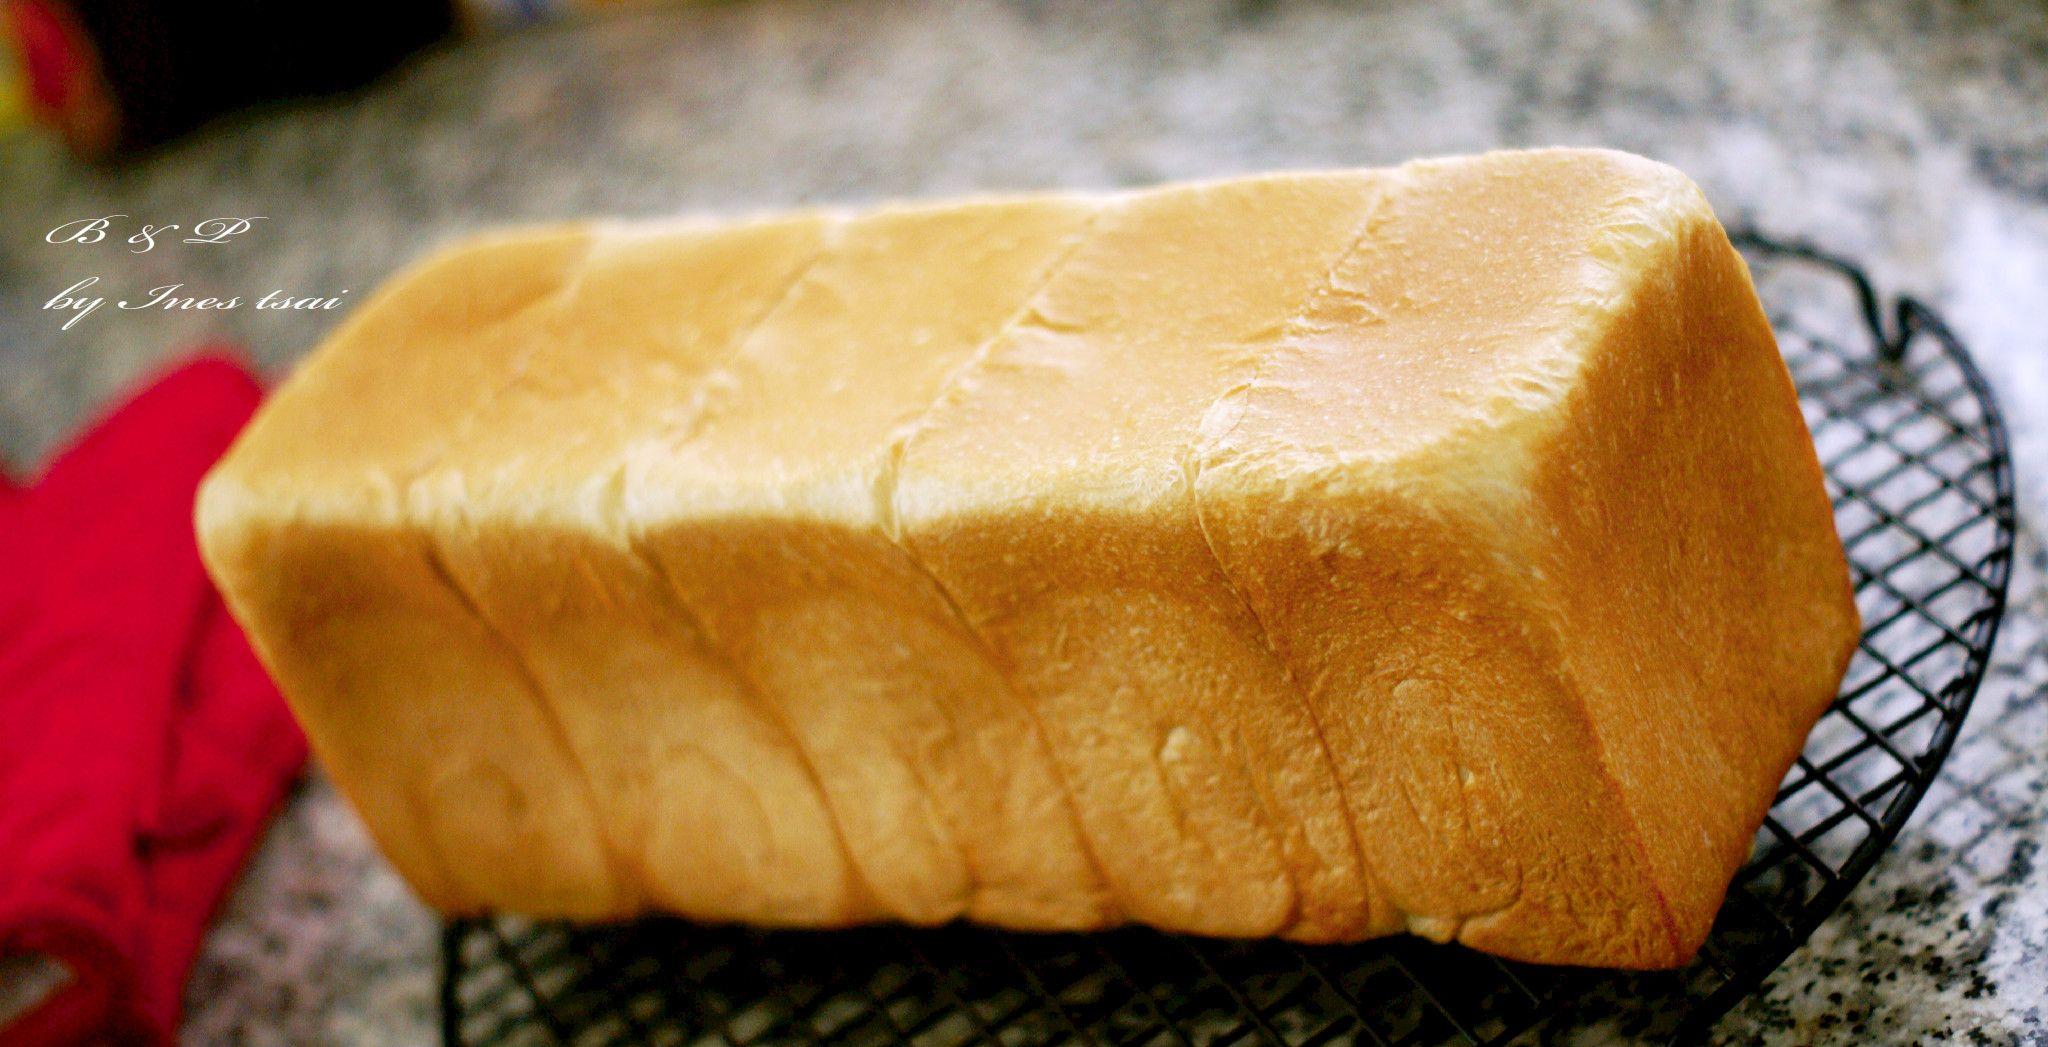 Aqu les traigo un pan de molde muy pero muy rico Su nombre no s